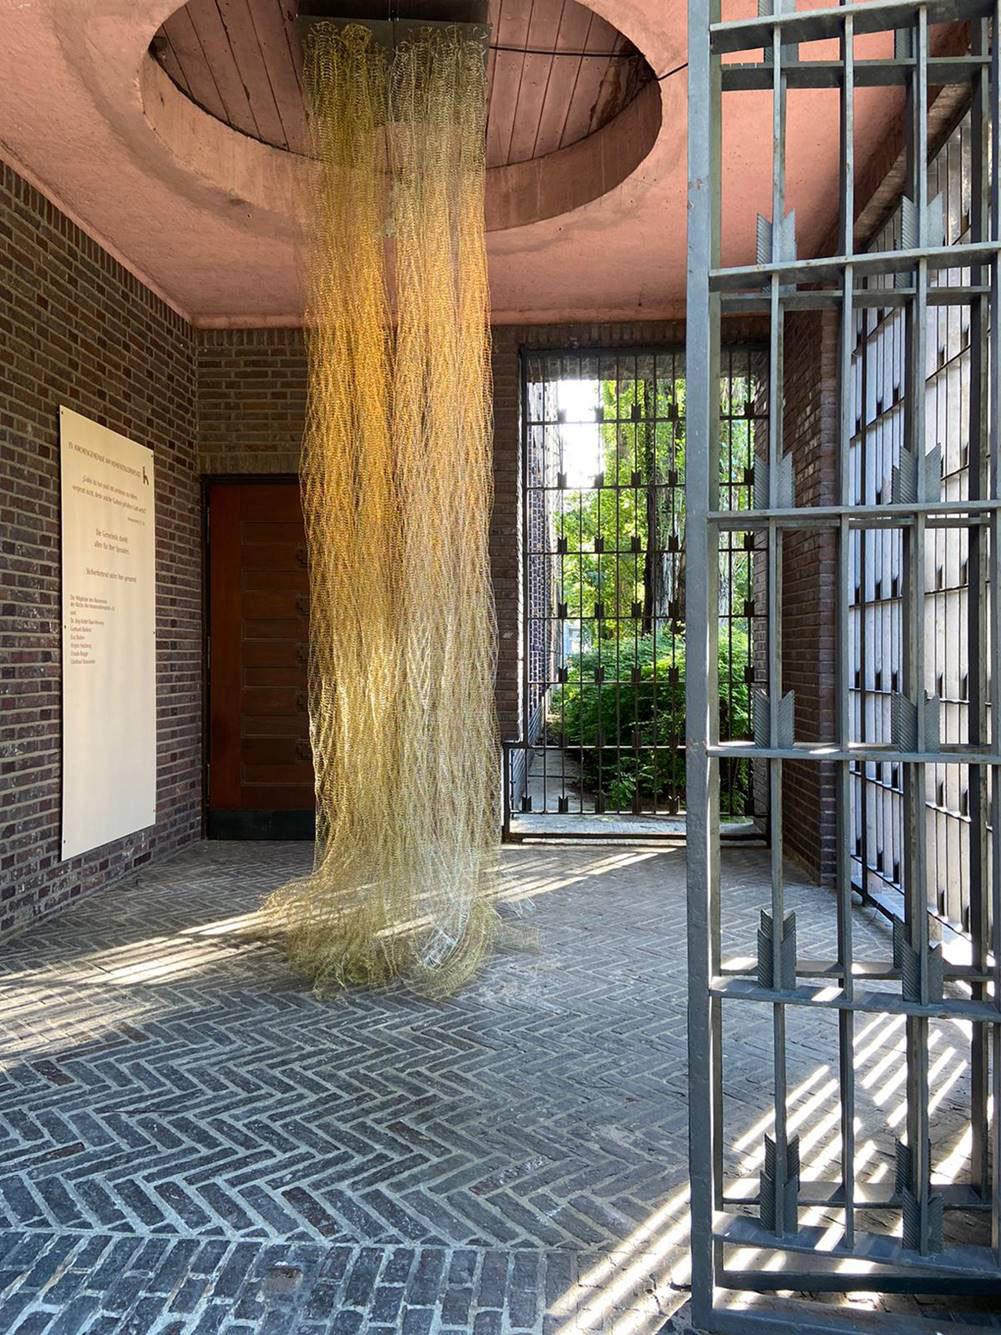 Installationsansicht, Fotonachweis: Ellinor Euler